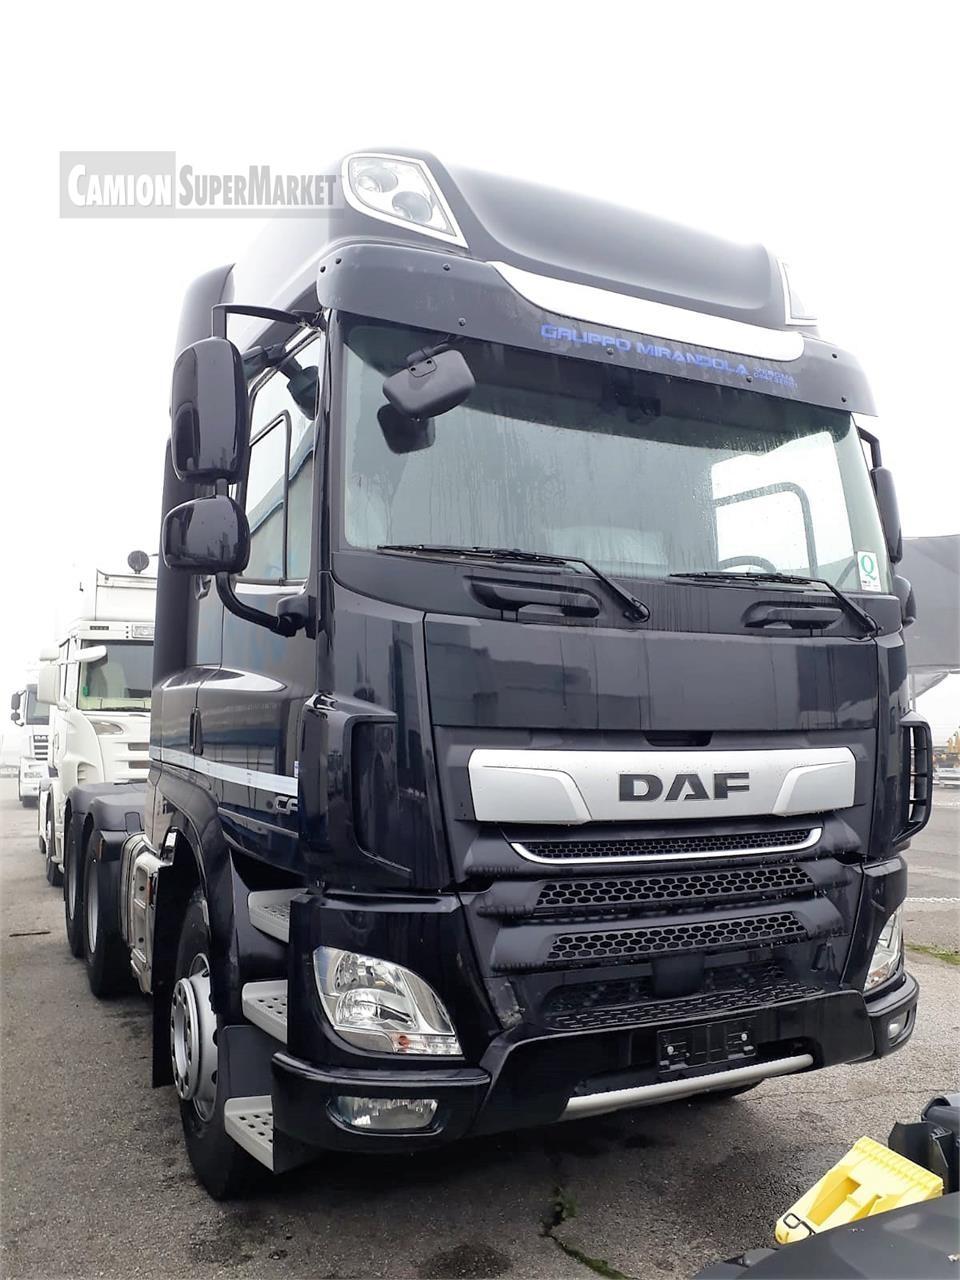 Daf CF530 used